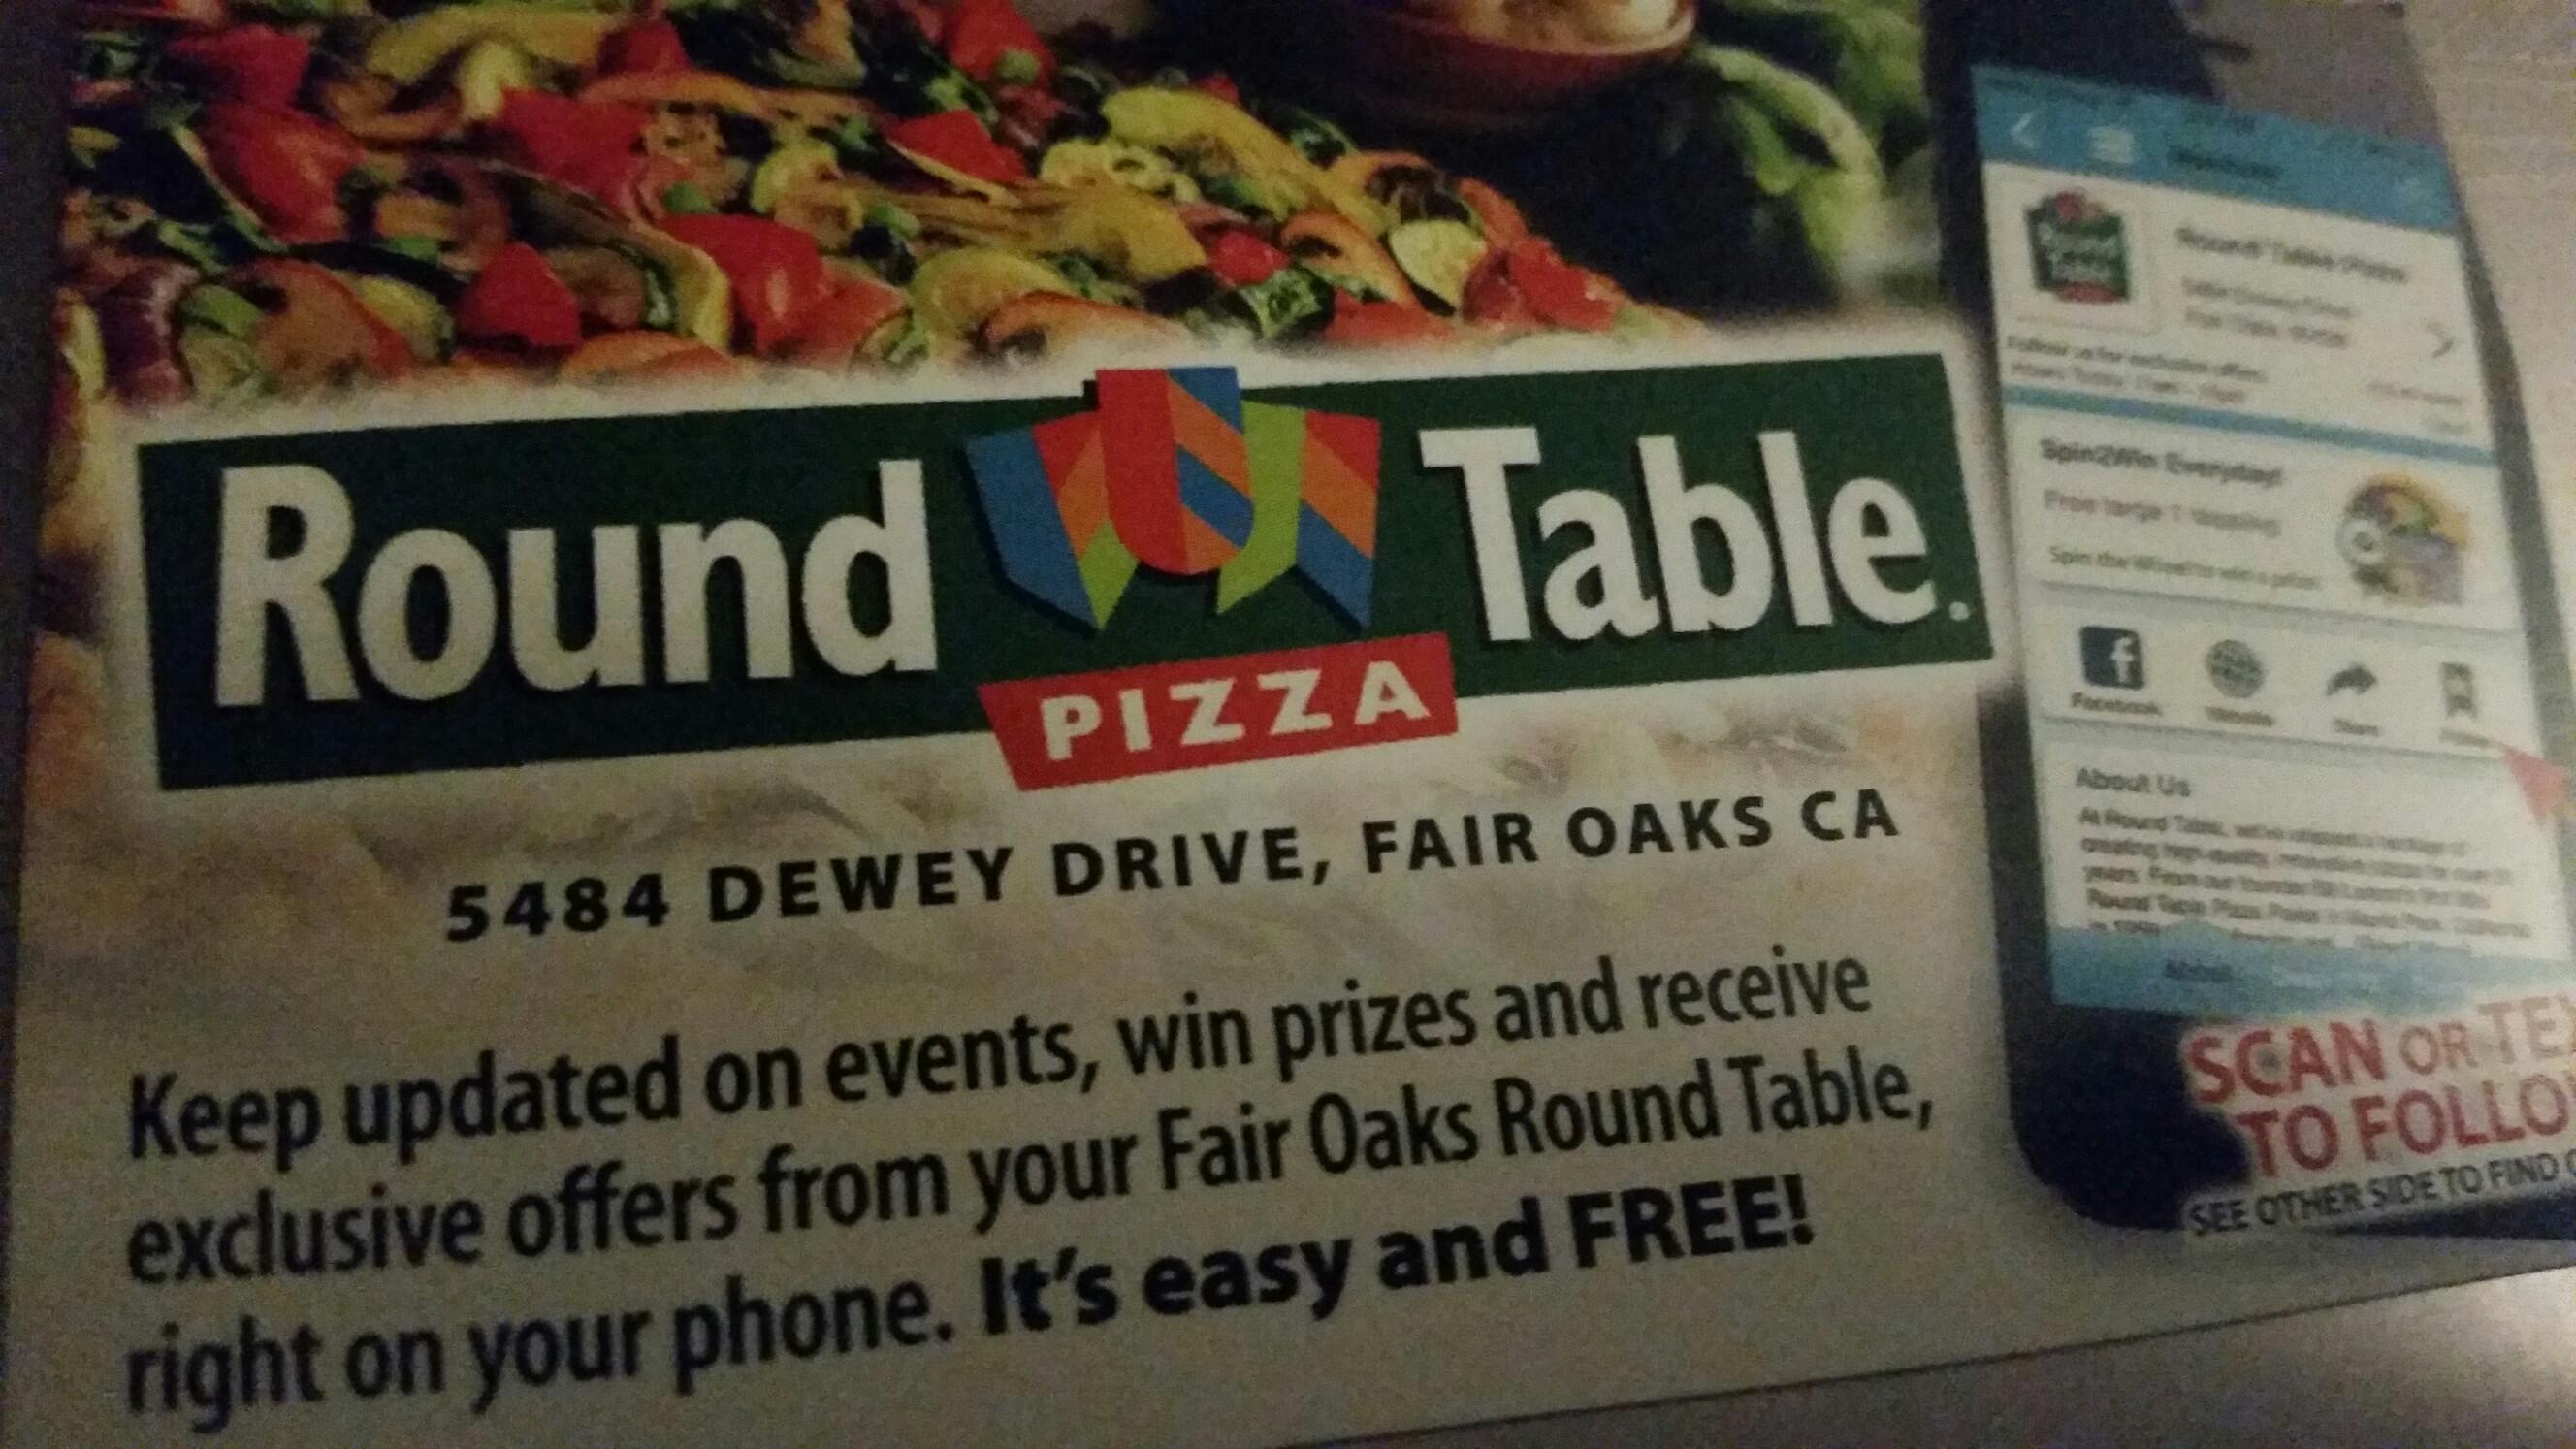 Round Table Pizza 5484 Dewey Dr Fair Oaks Ca 95628 Yp Com